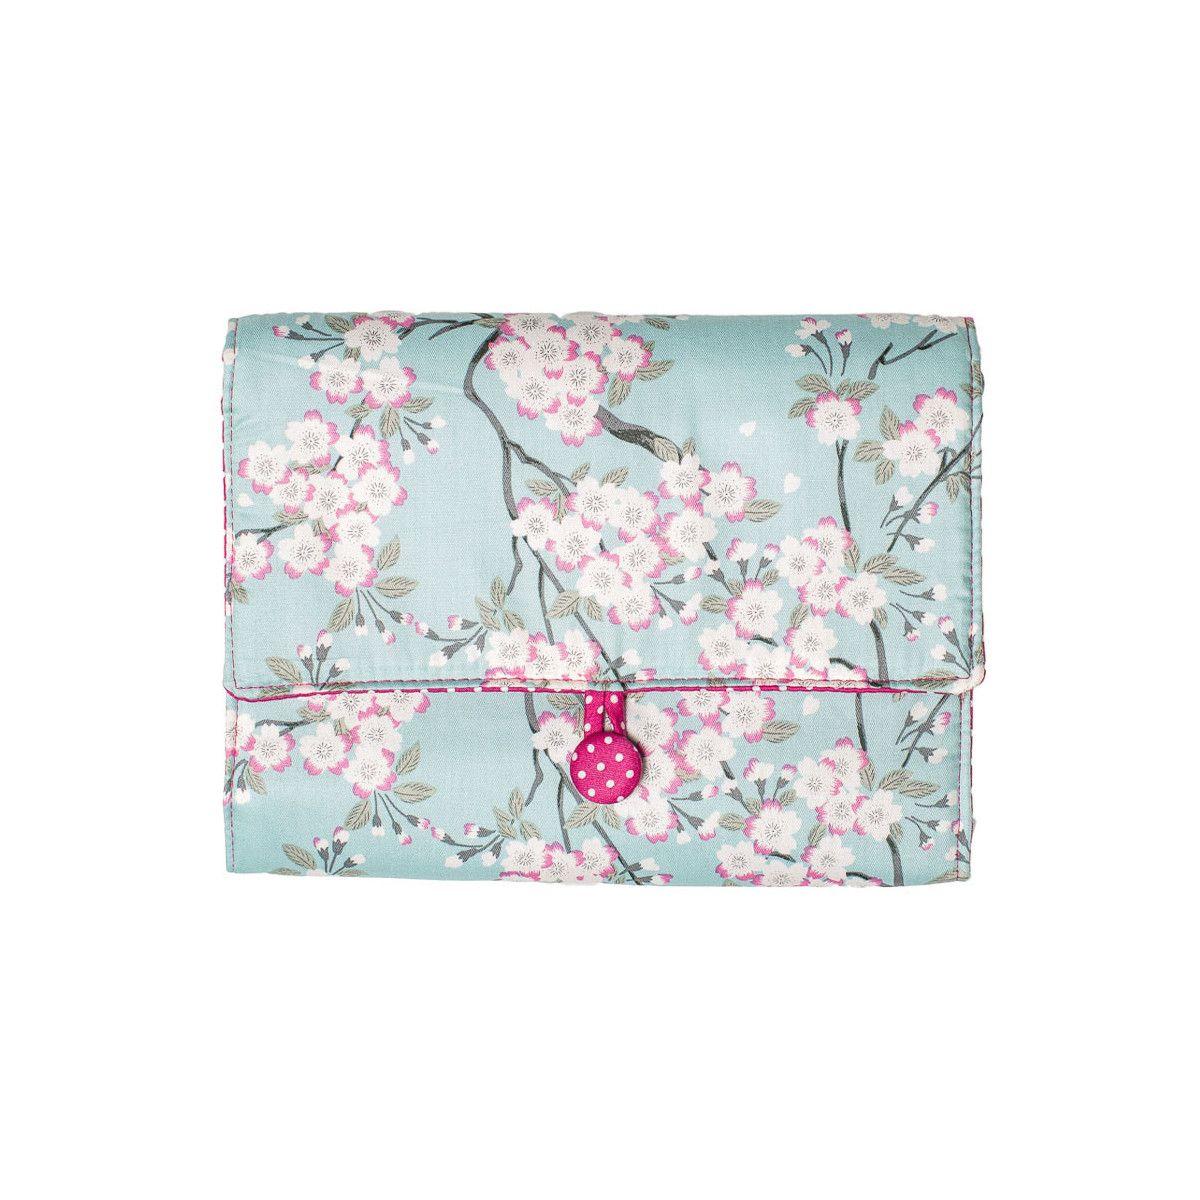 Pochette à dessin de voyage bleu clair et rose à fleurs